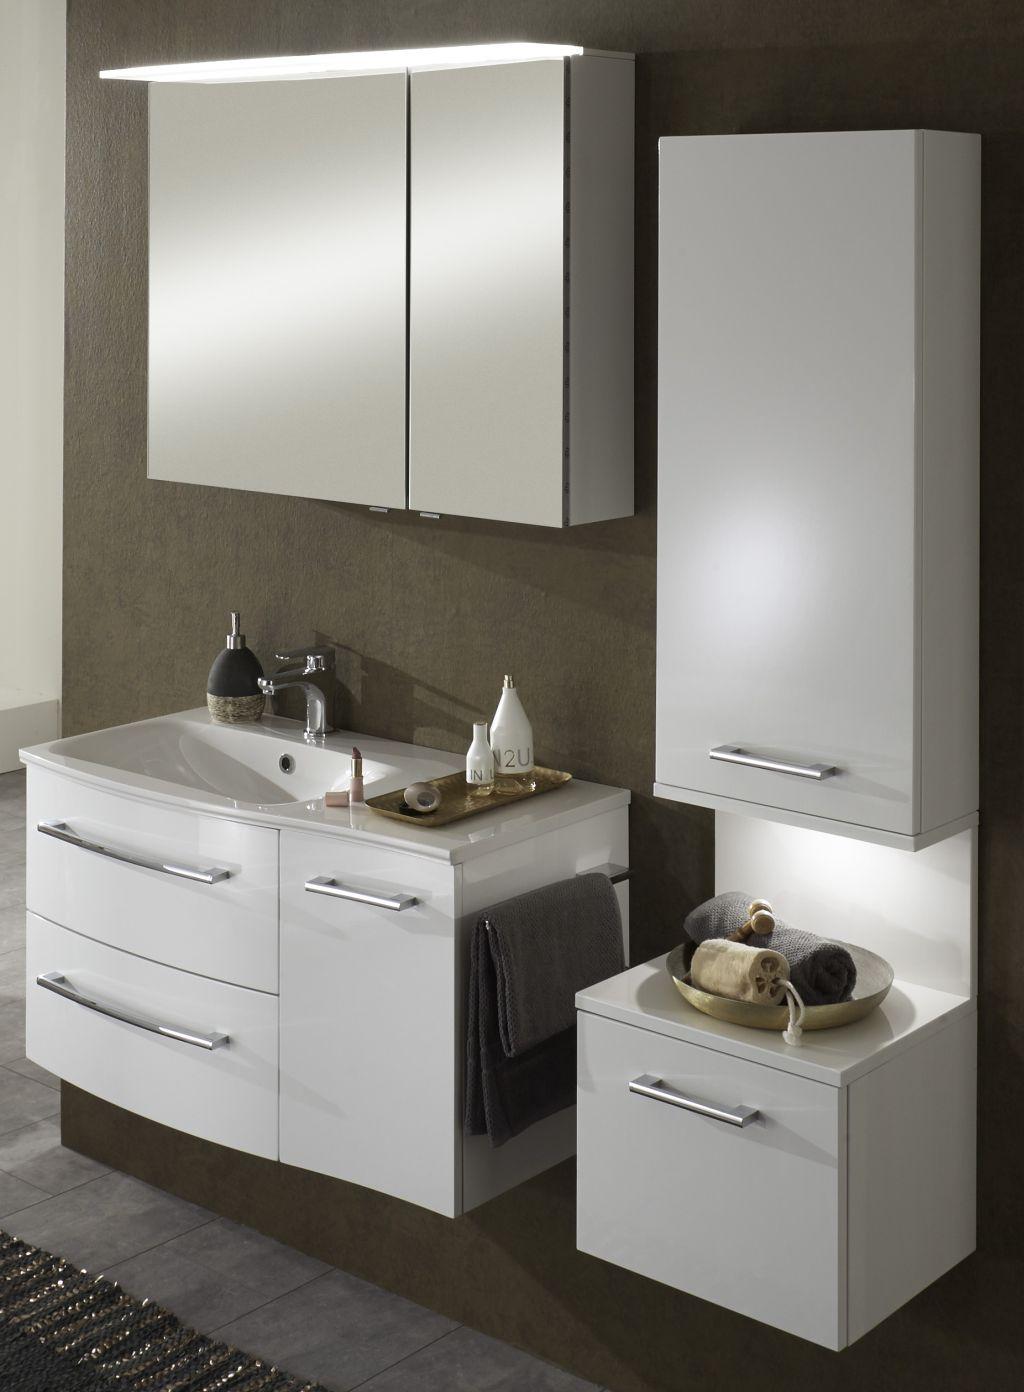 marlin bad 3120 badm bel set 90 cm breit badm bel 1. Black Bedroom Furniture Sets. Home Design Ideas